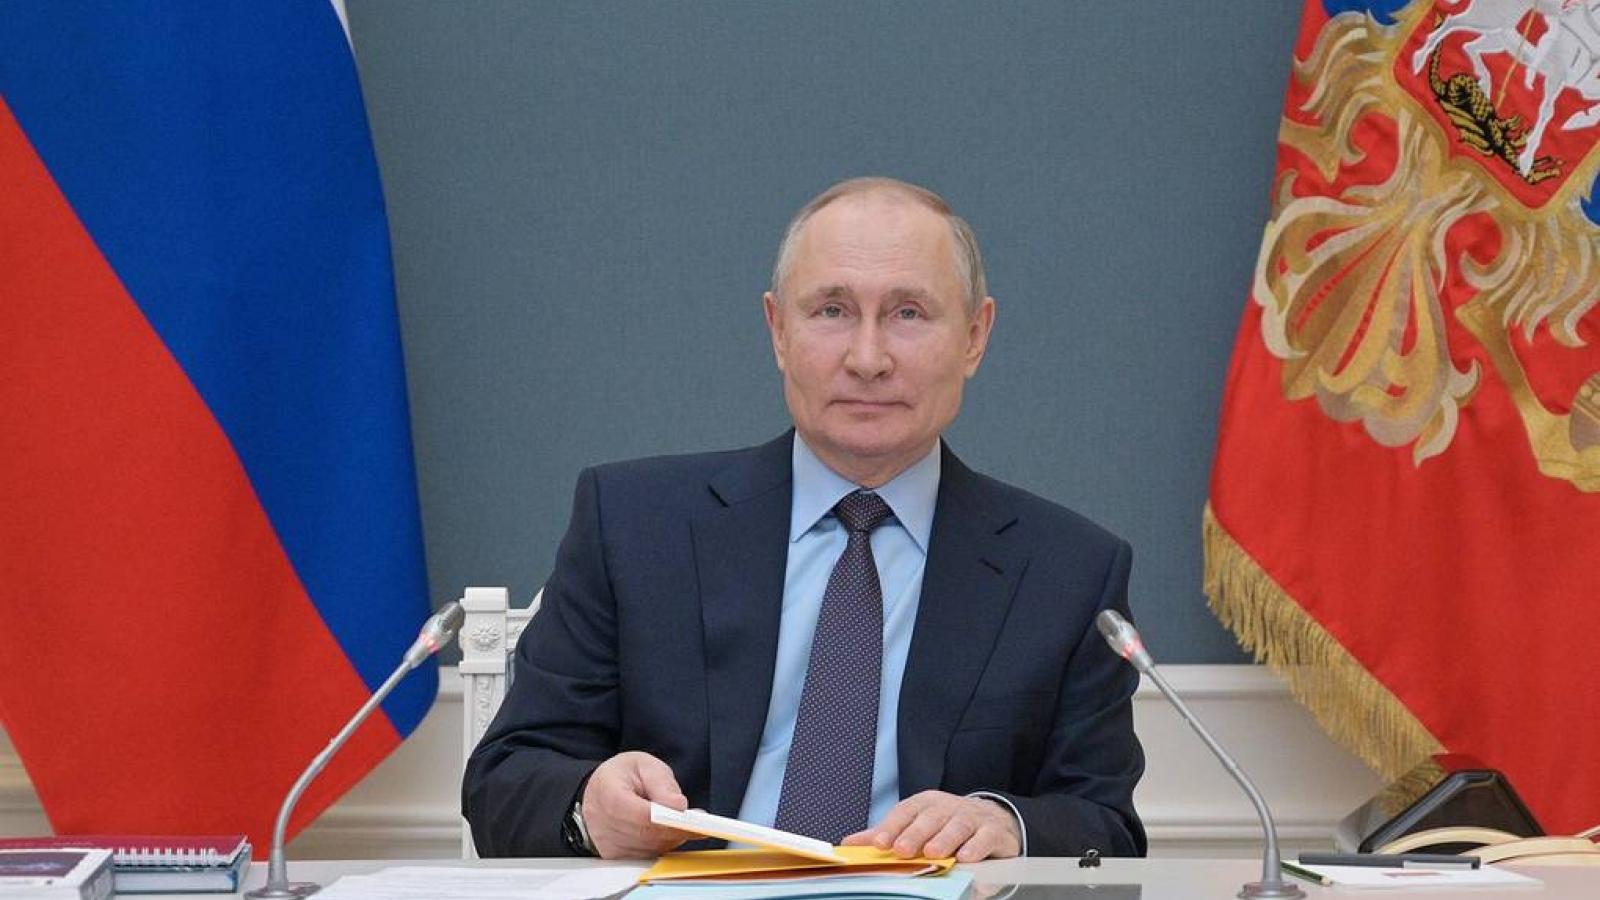 Tổng thống Nga Putin sẽ tham dự hội nghị thượng đỉnh về khí hậu